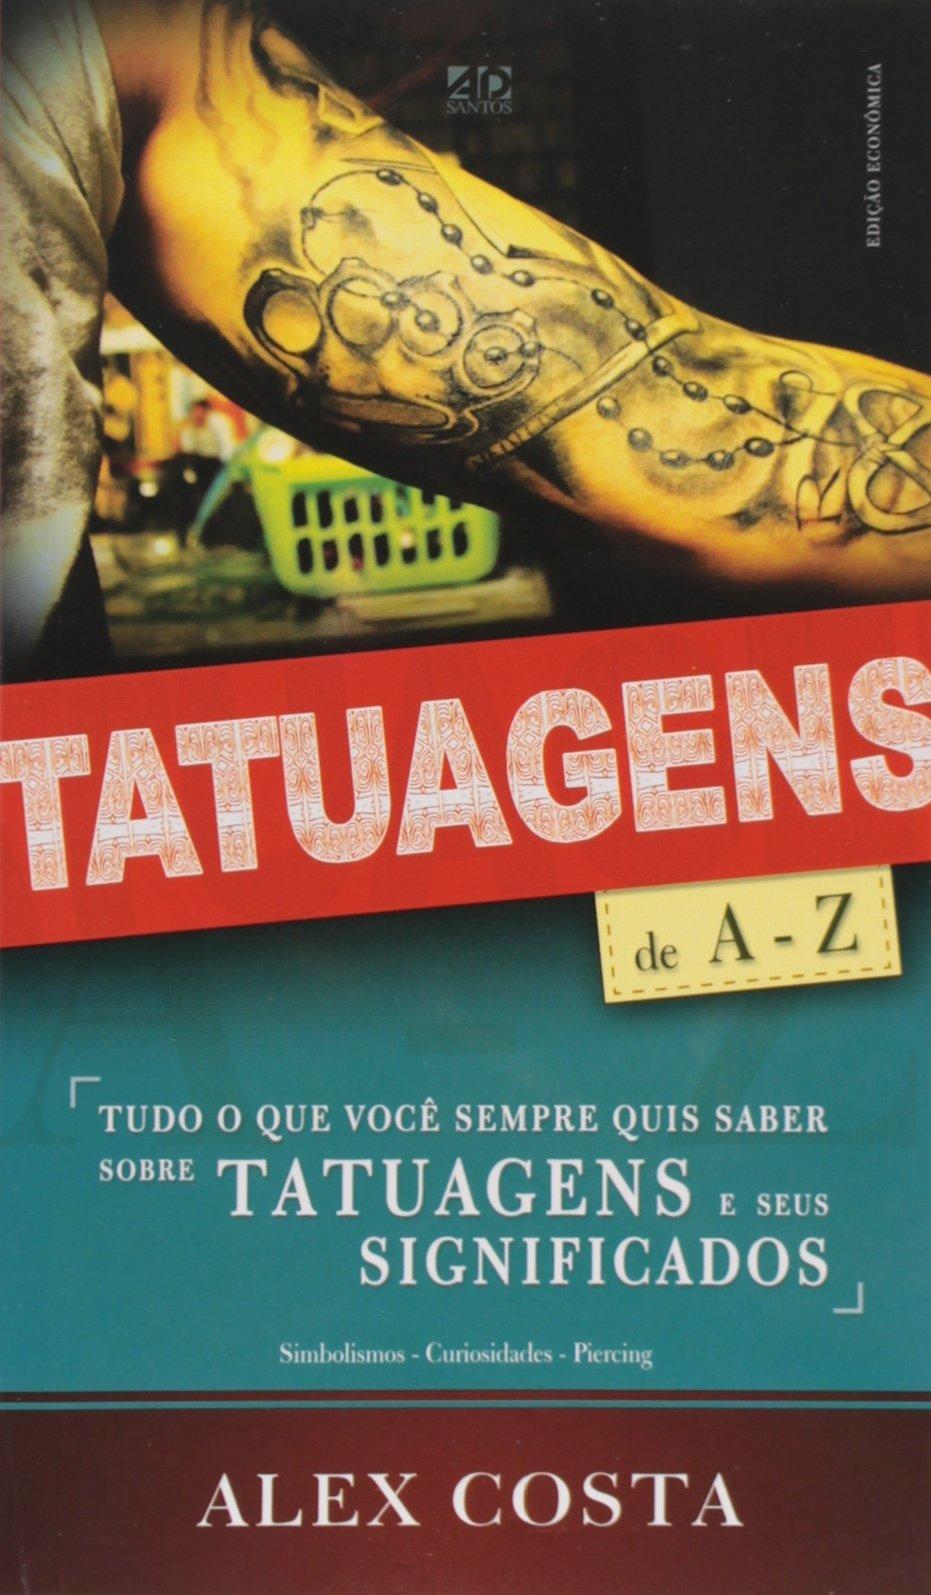 Tatuagens de A - Z - Edicao de Bolso: Alex Costa: 9788574592978: Amazon.com: Books